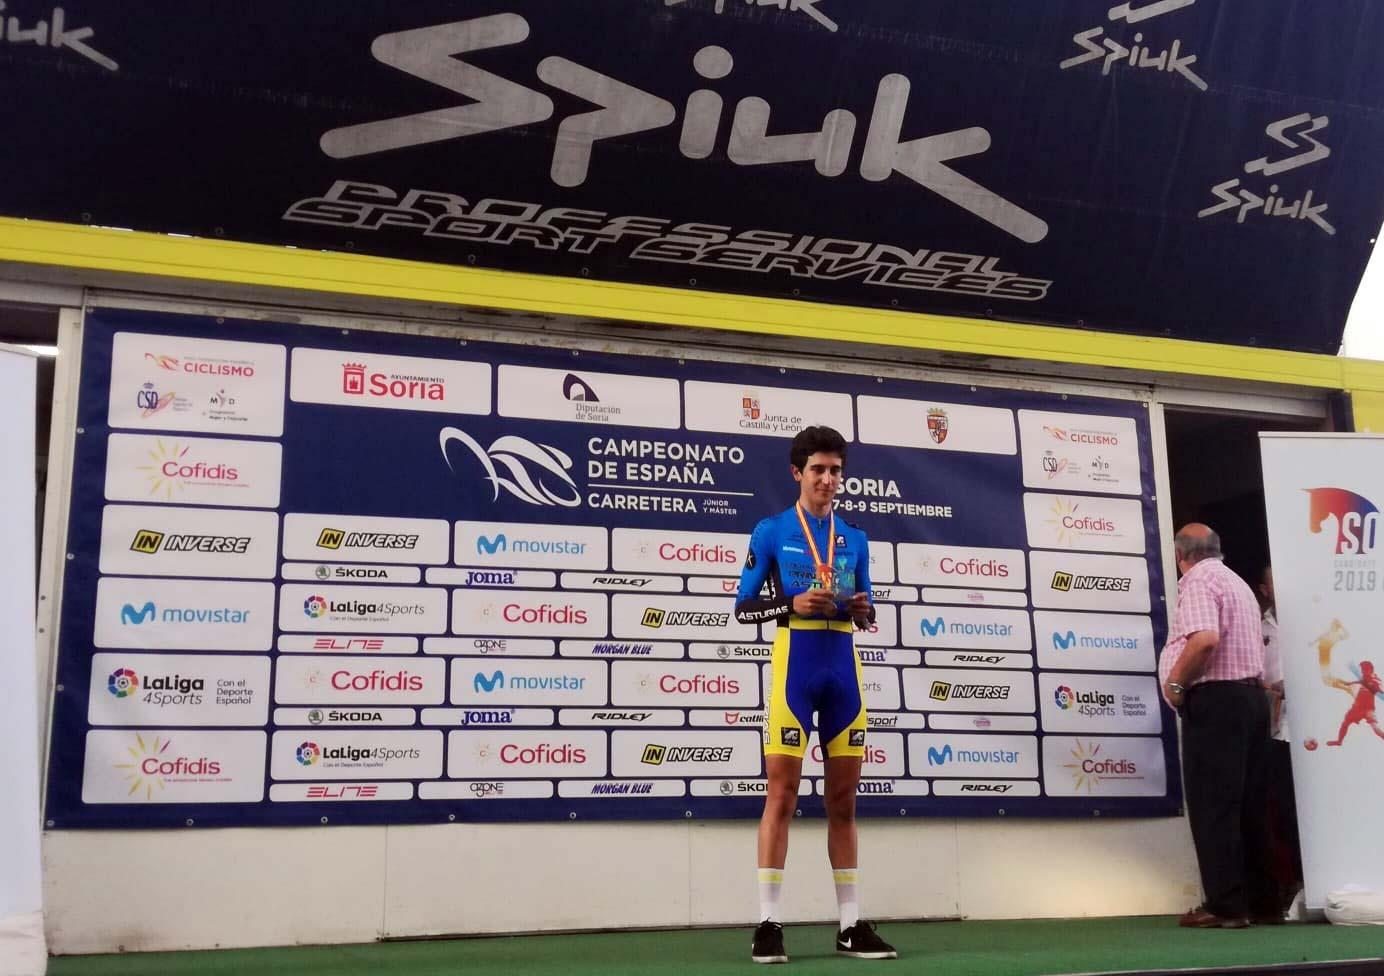 pelayo-sanchez-mundialista-en-innsbruk-y-medalla-de-bronce-en-los-campeonatos-de-espana_IMG-20181002-WA0061